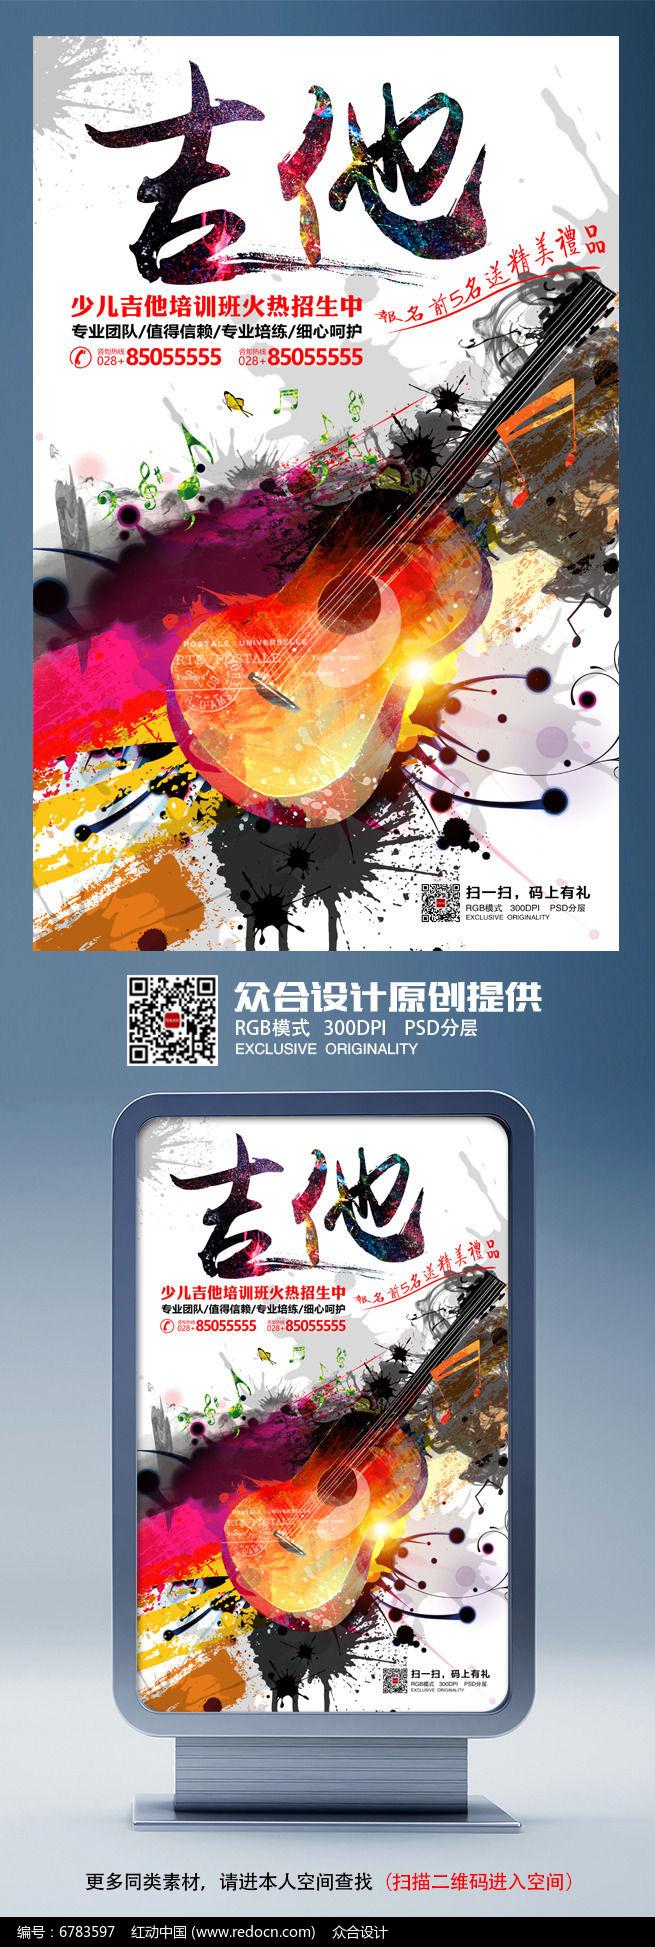 炫彩水墨吉他培训班招生宣传海报设计图片